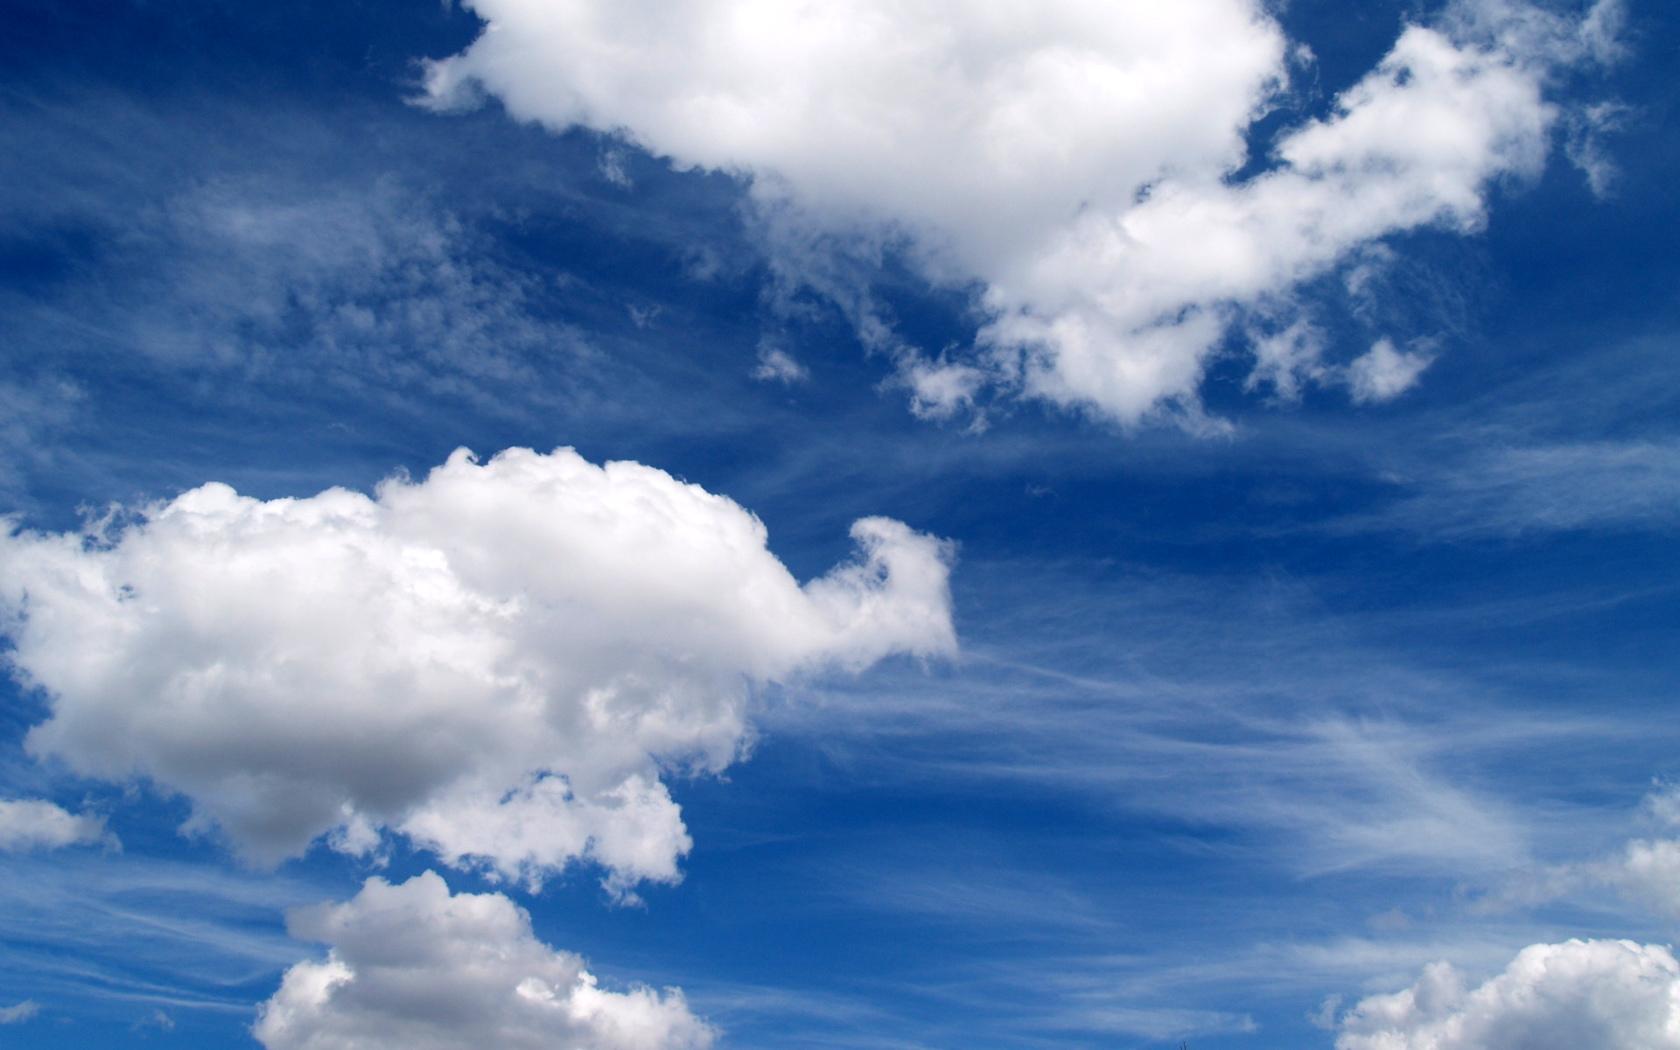 Le ciel clipart graphic transparent Le ciel clipart - ClipartFox graphic transparent